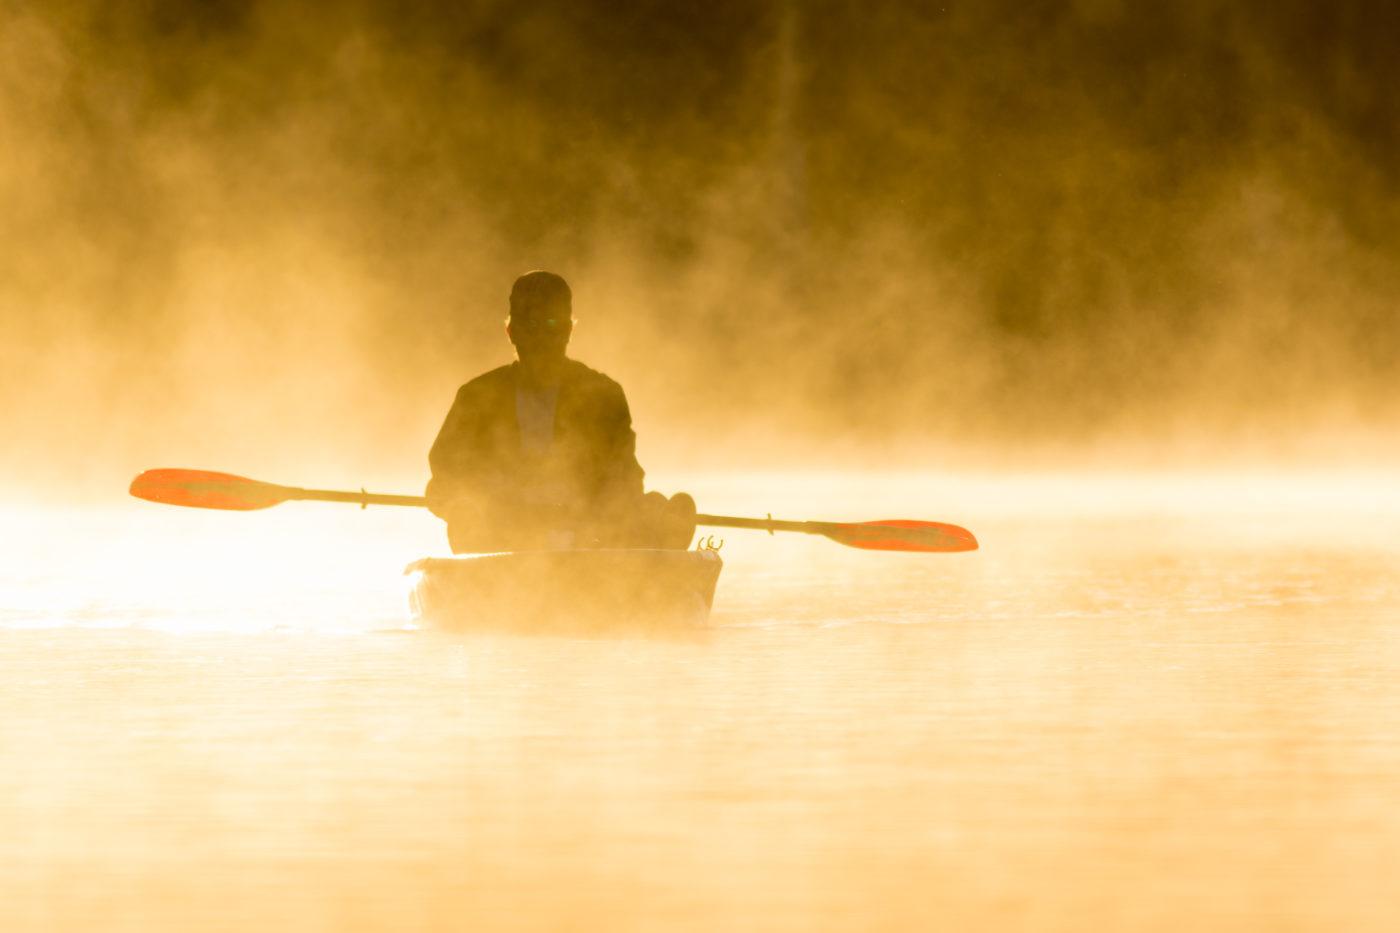 Chassahowitzka Misty Sunrise